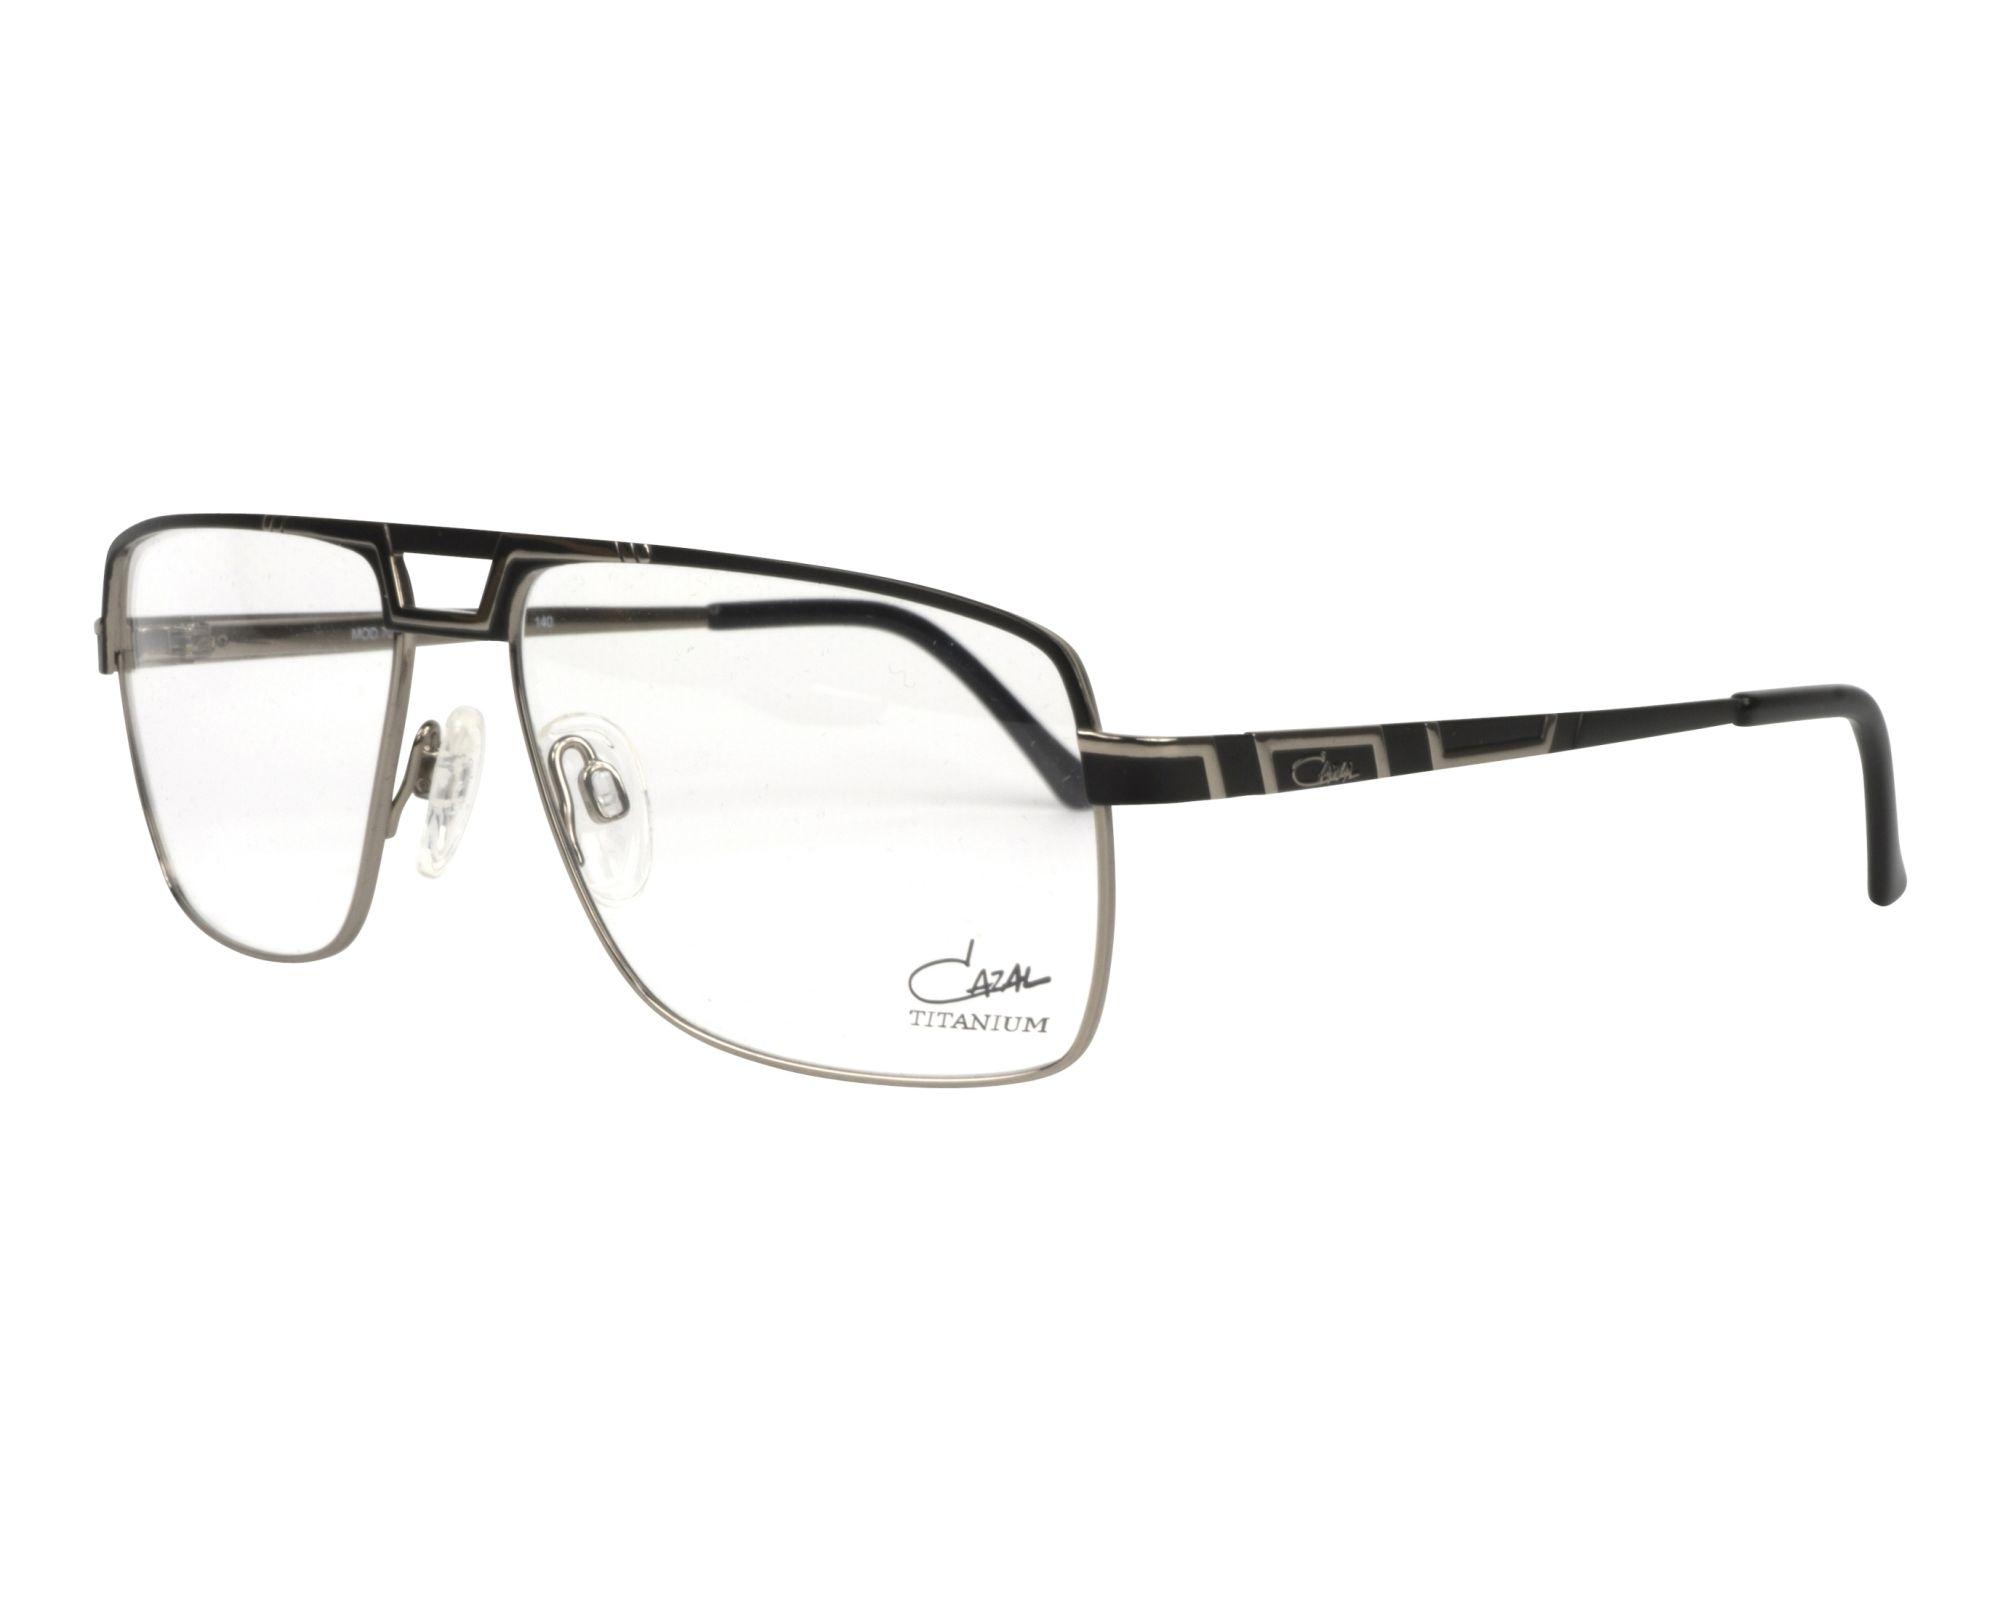 Cazal Eyeglasses M 7068 003 Black Visionet